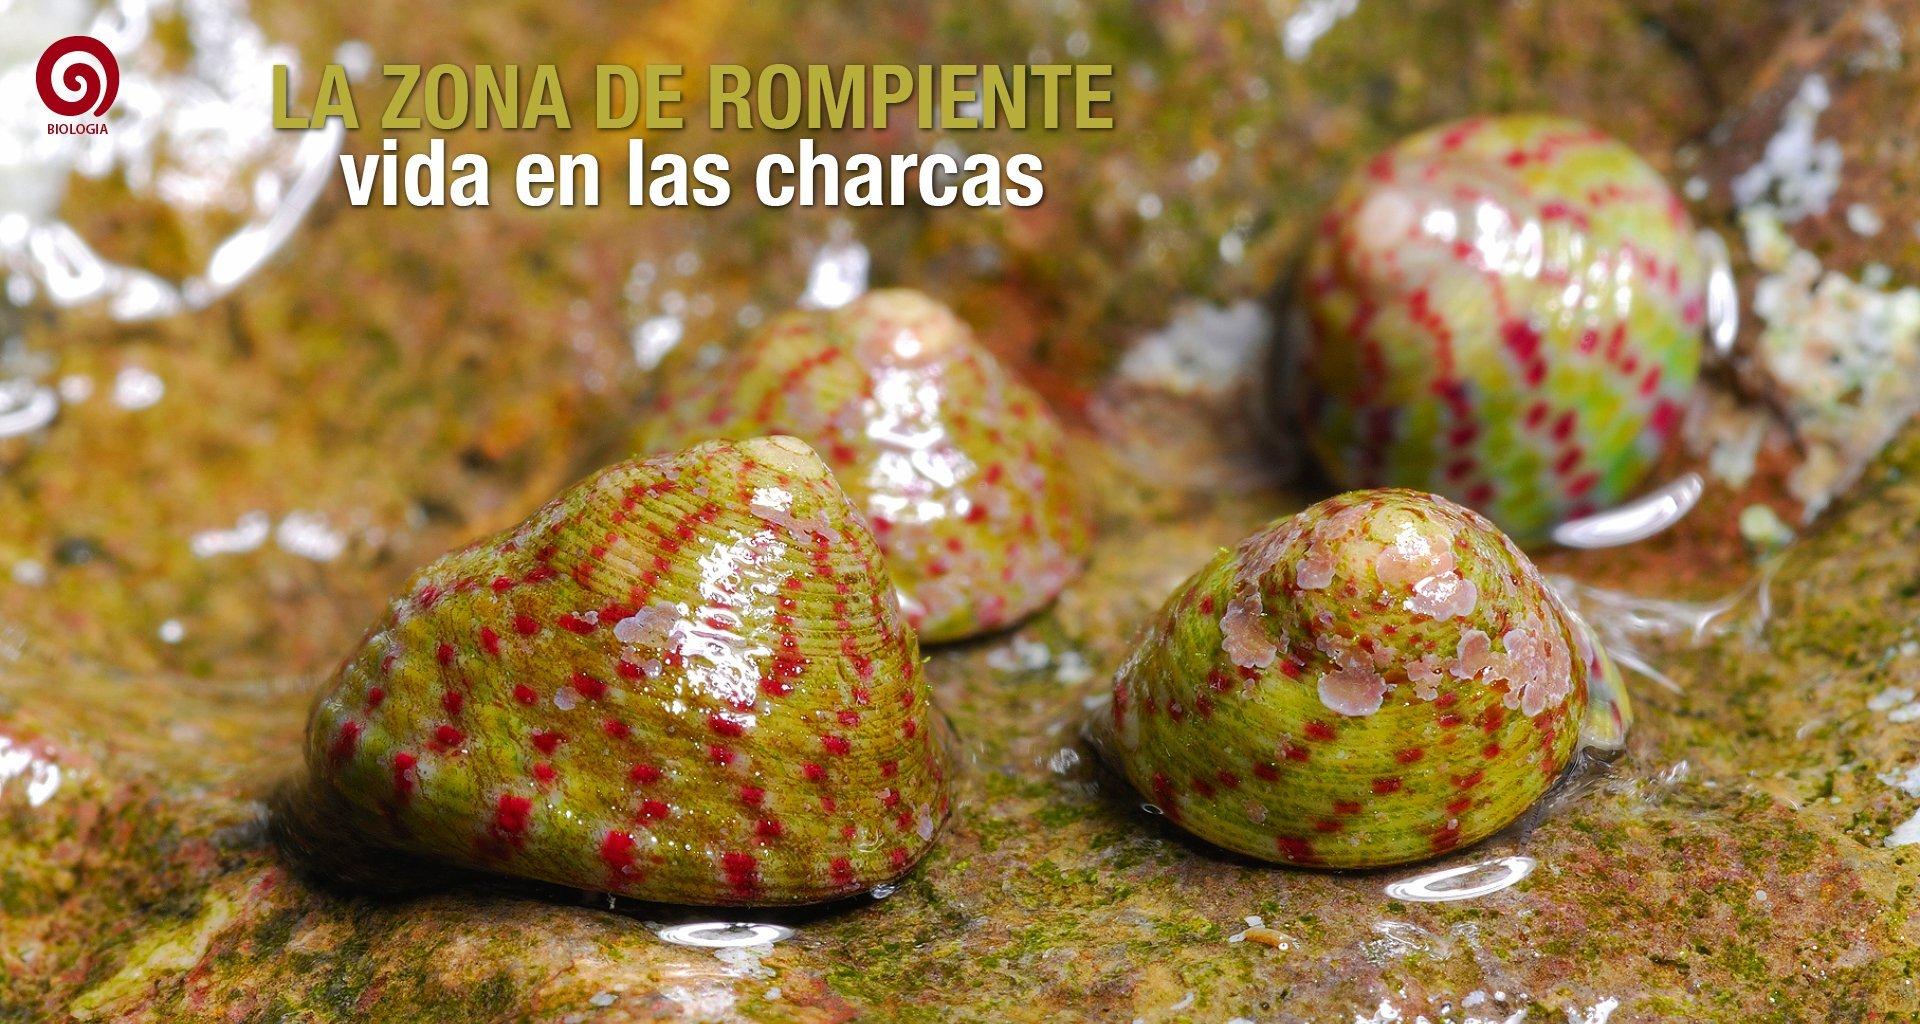 Portadas-web-aQua237